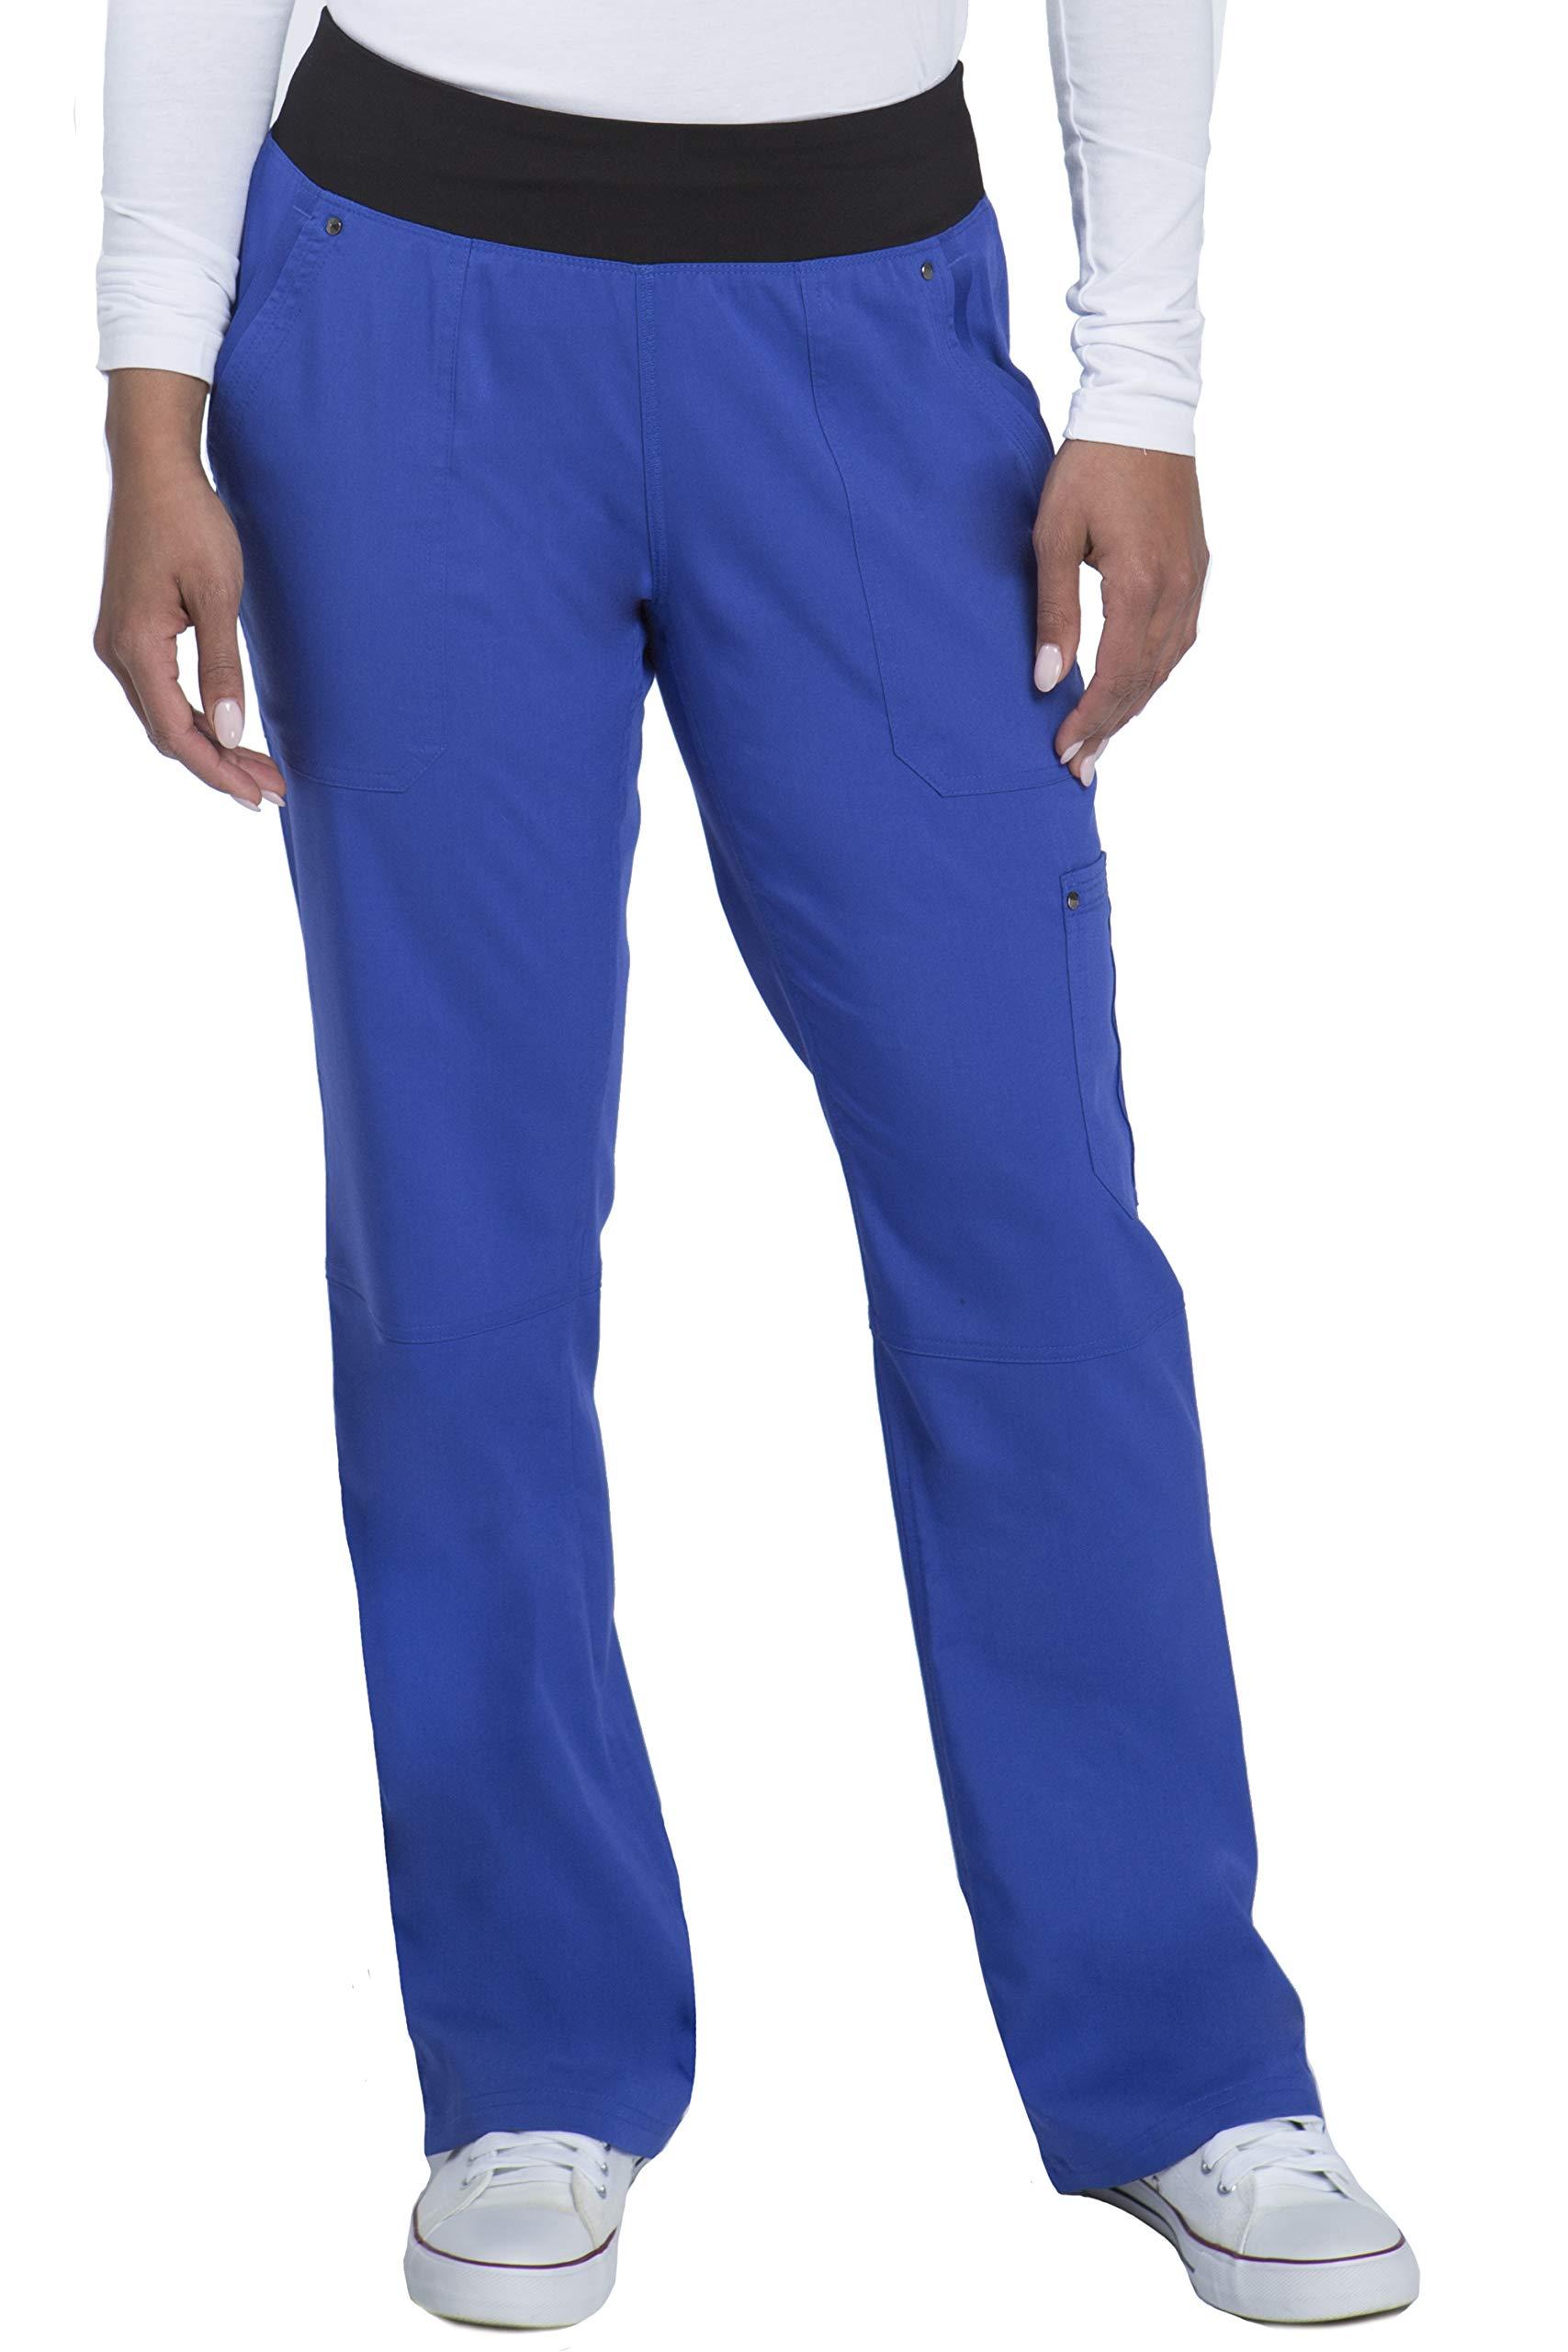 healing hands Purple Label Yoga Women's Tori 9133 5 Pocket Knit Waist Pant Paris Blue/Black -Large Petite